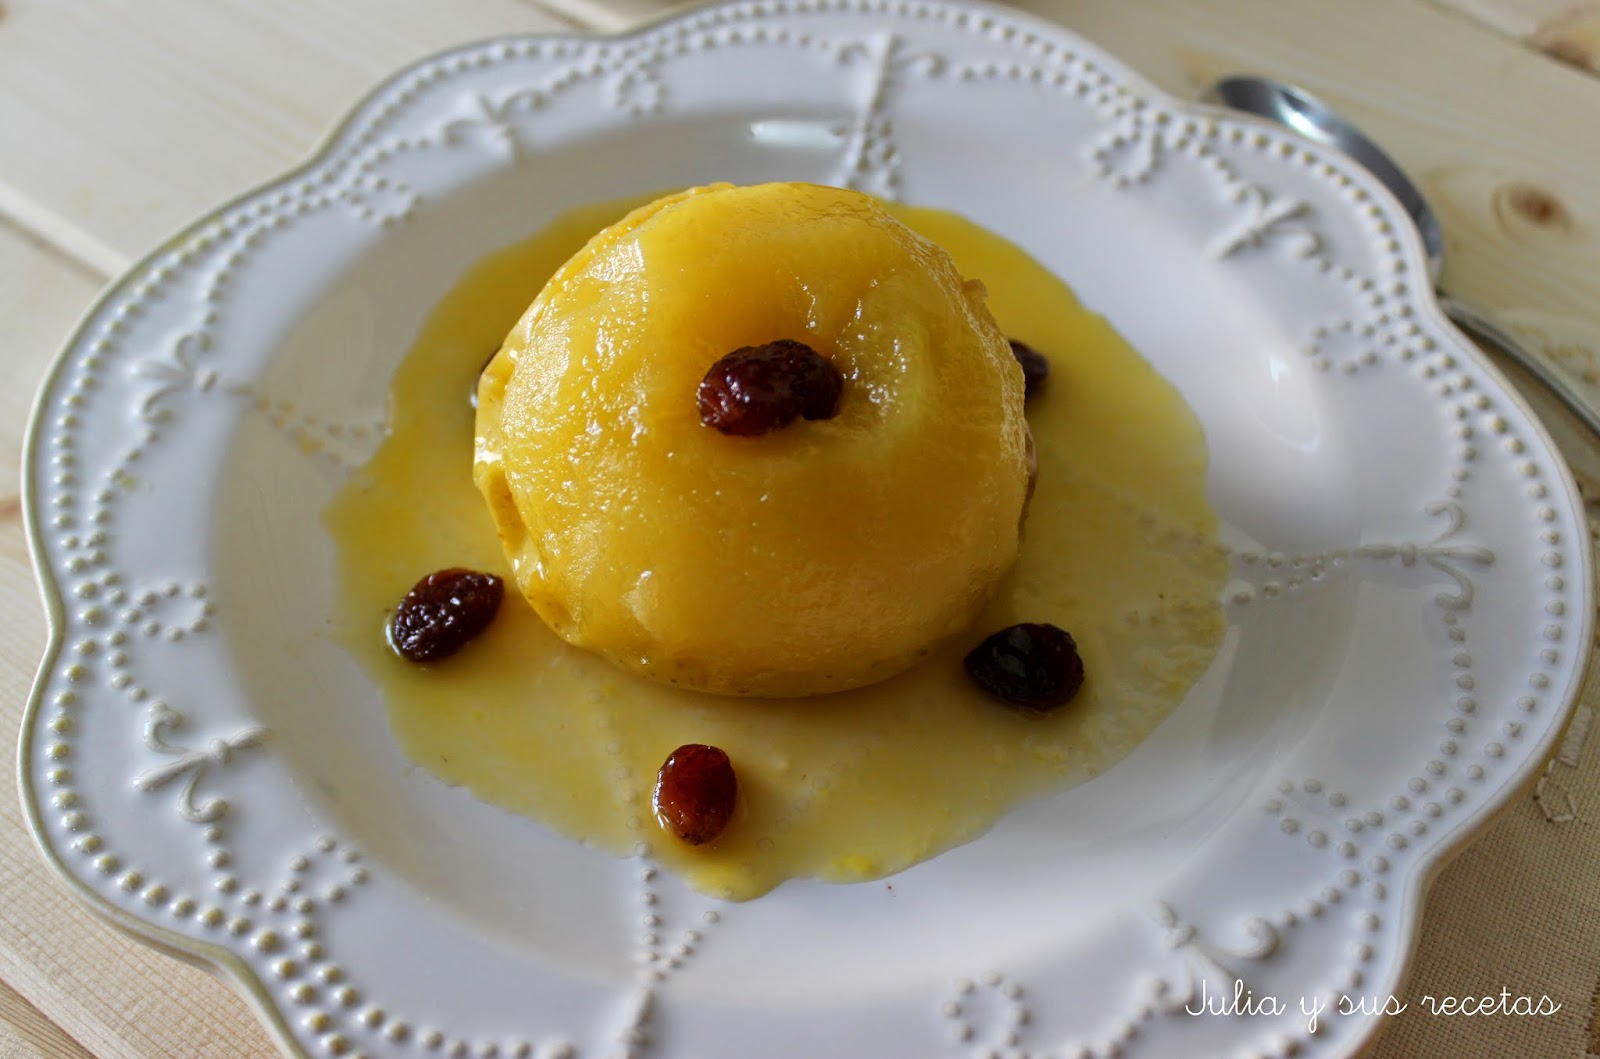 Manzanas a la miel al microondas. Julia y sus recetas